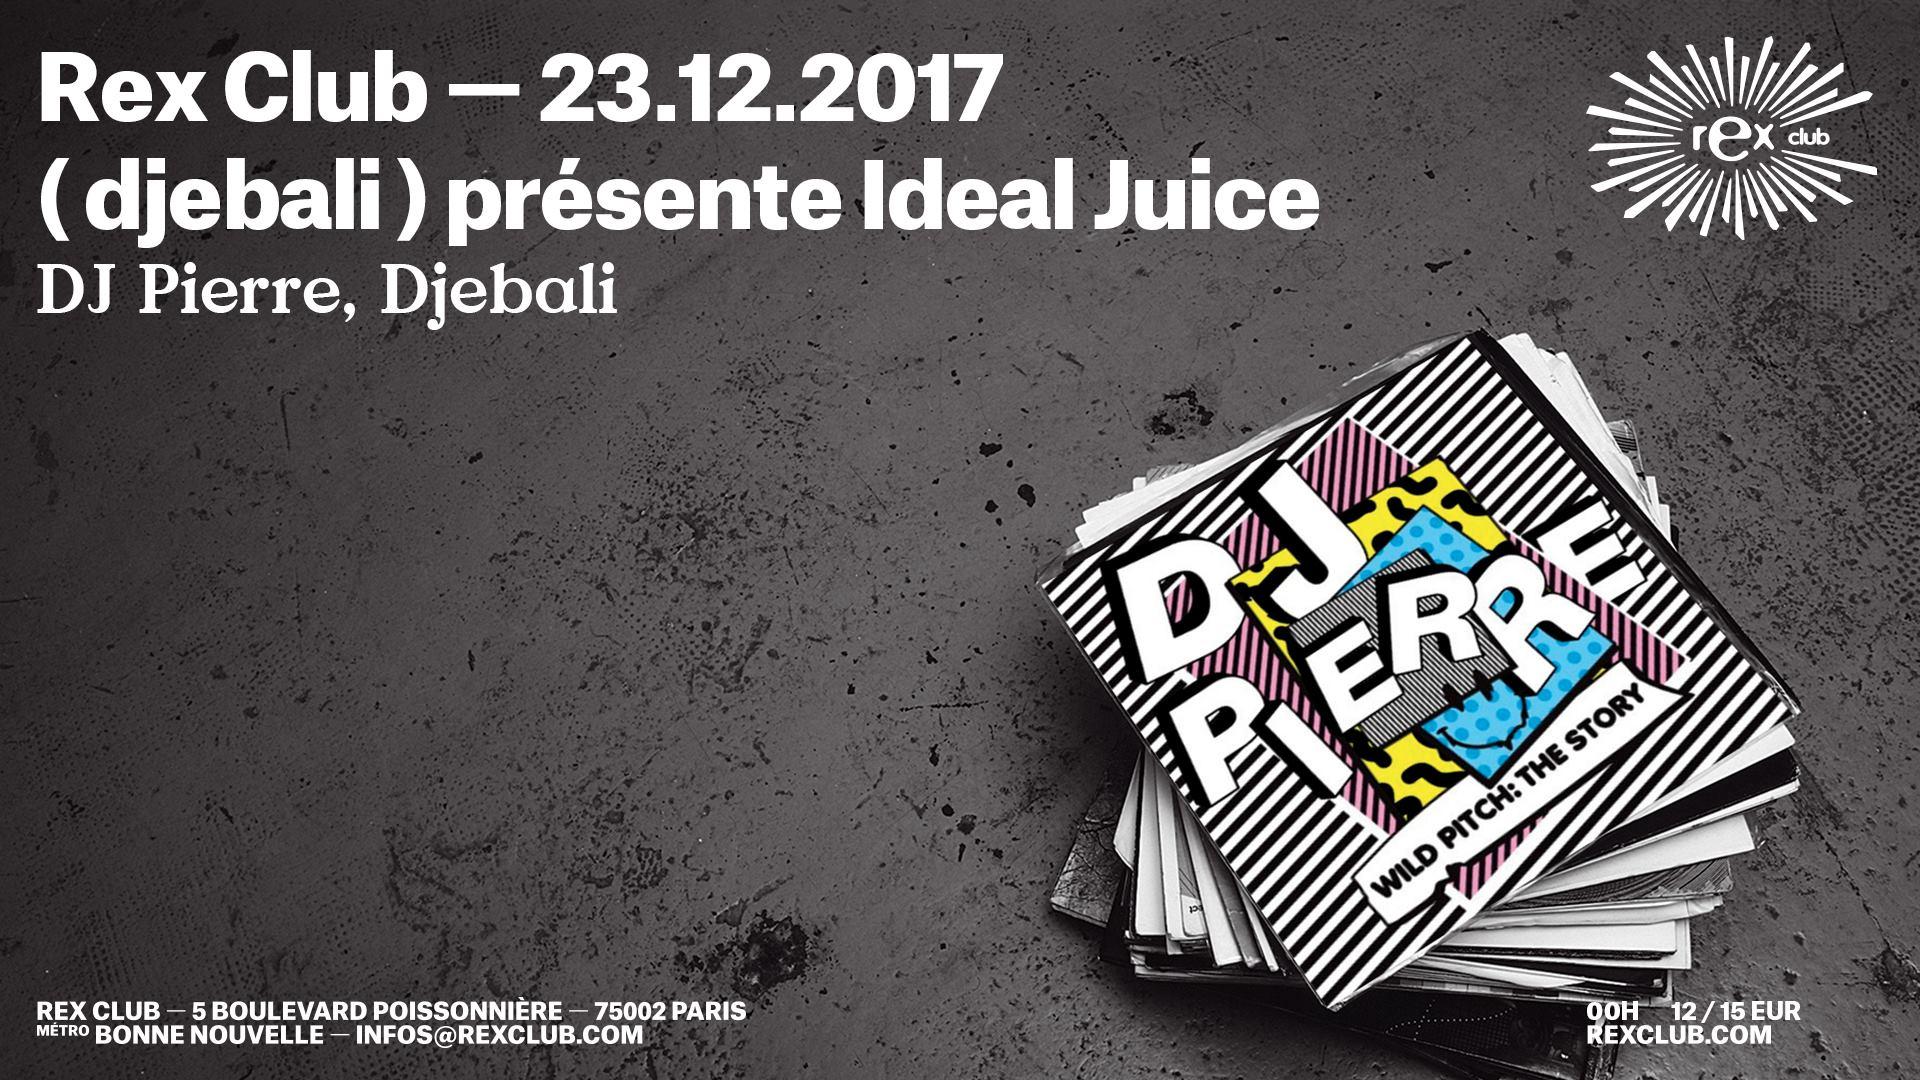 Djebali ) Présente Ideal Juice: Dj Pierre, Djebali